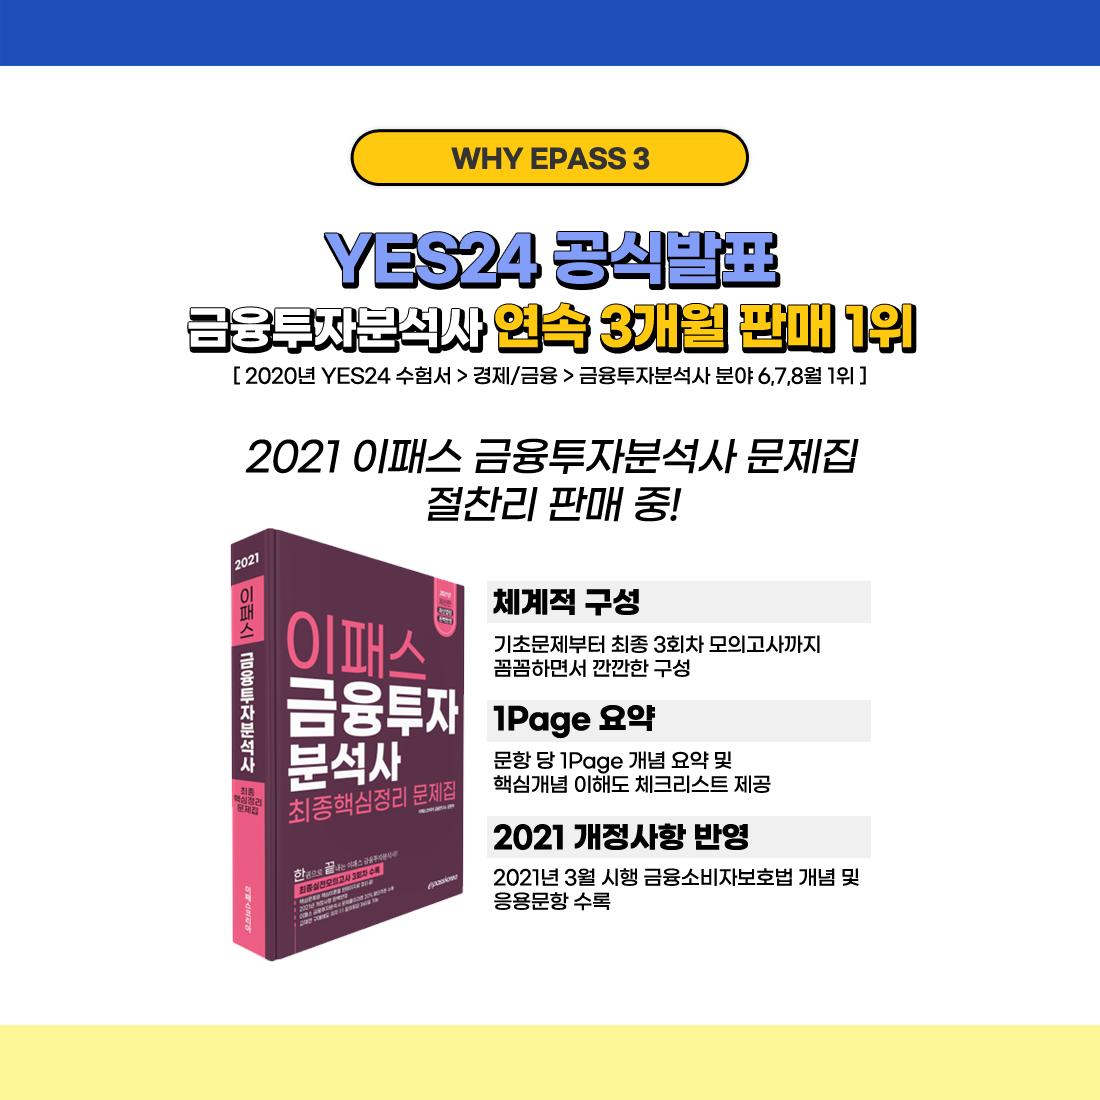 YES24 공식발표 금융투자분석사 연속 3개월 판매 1위